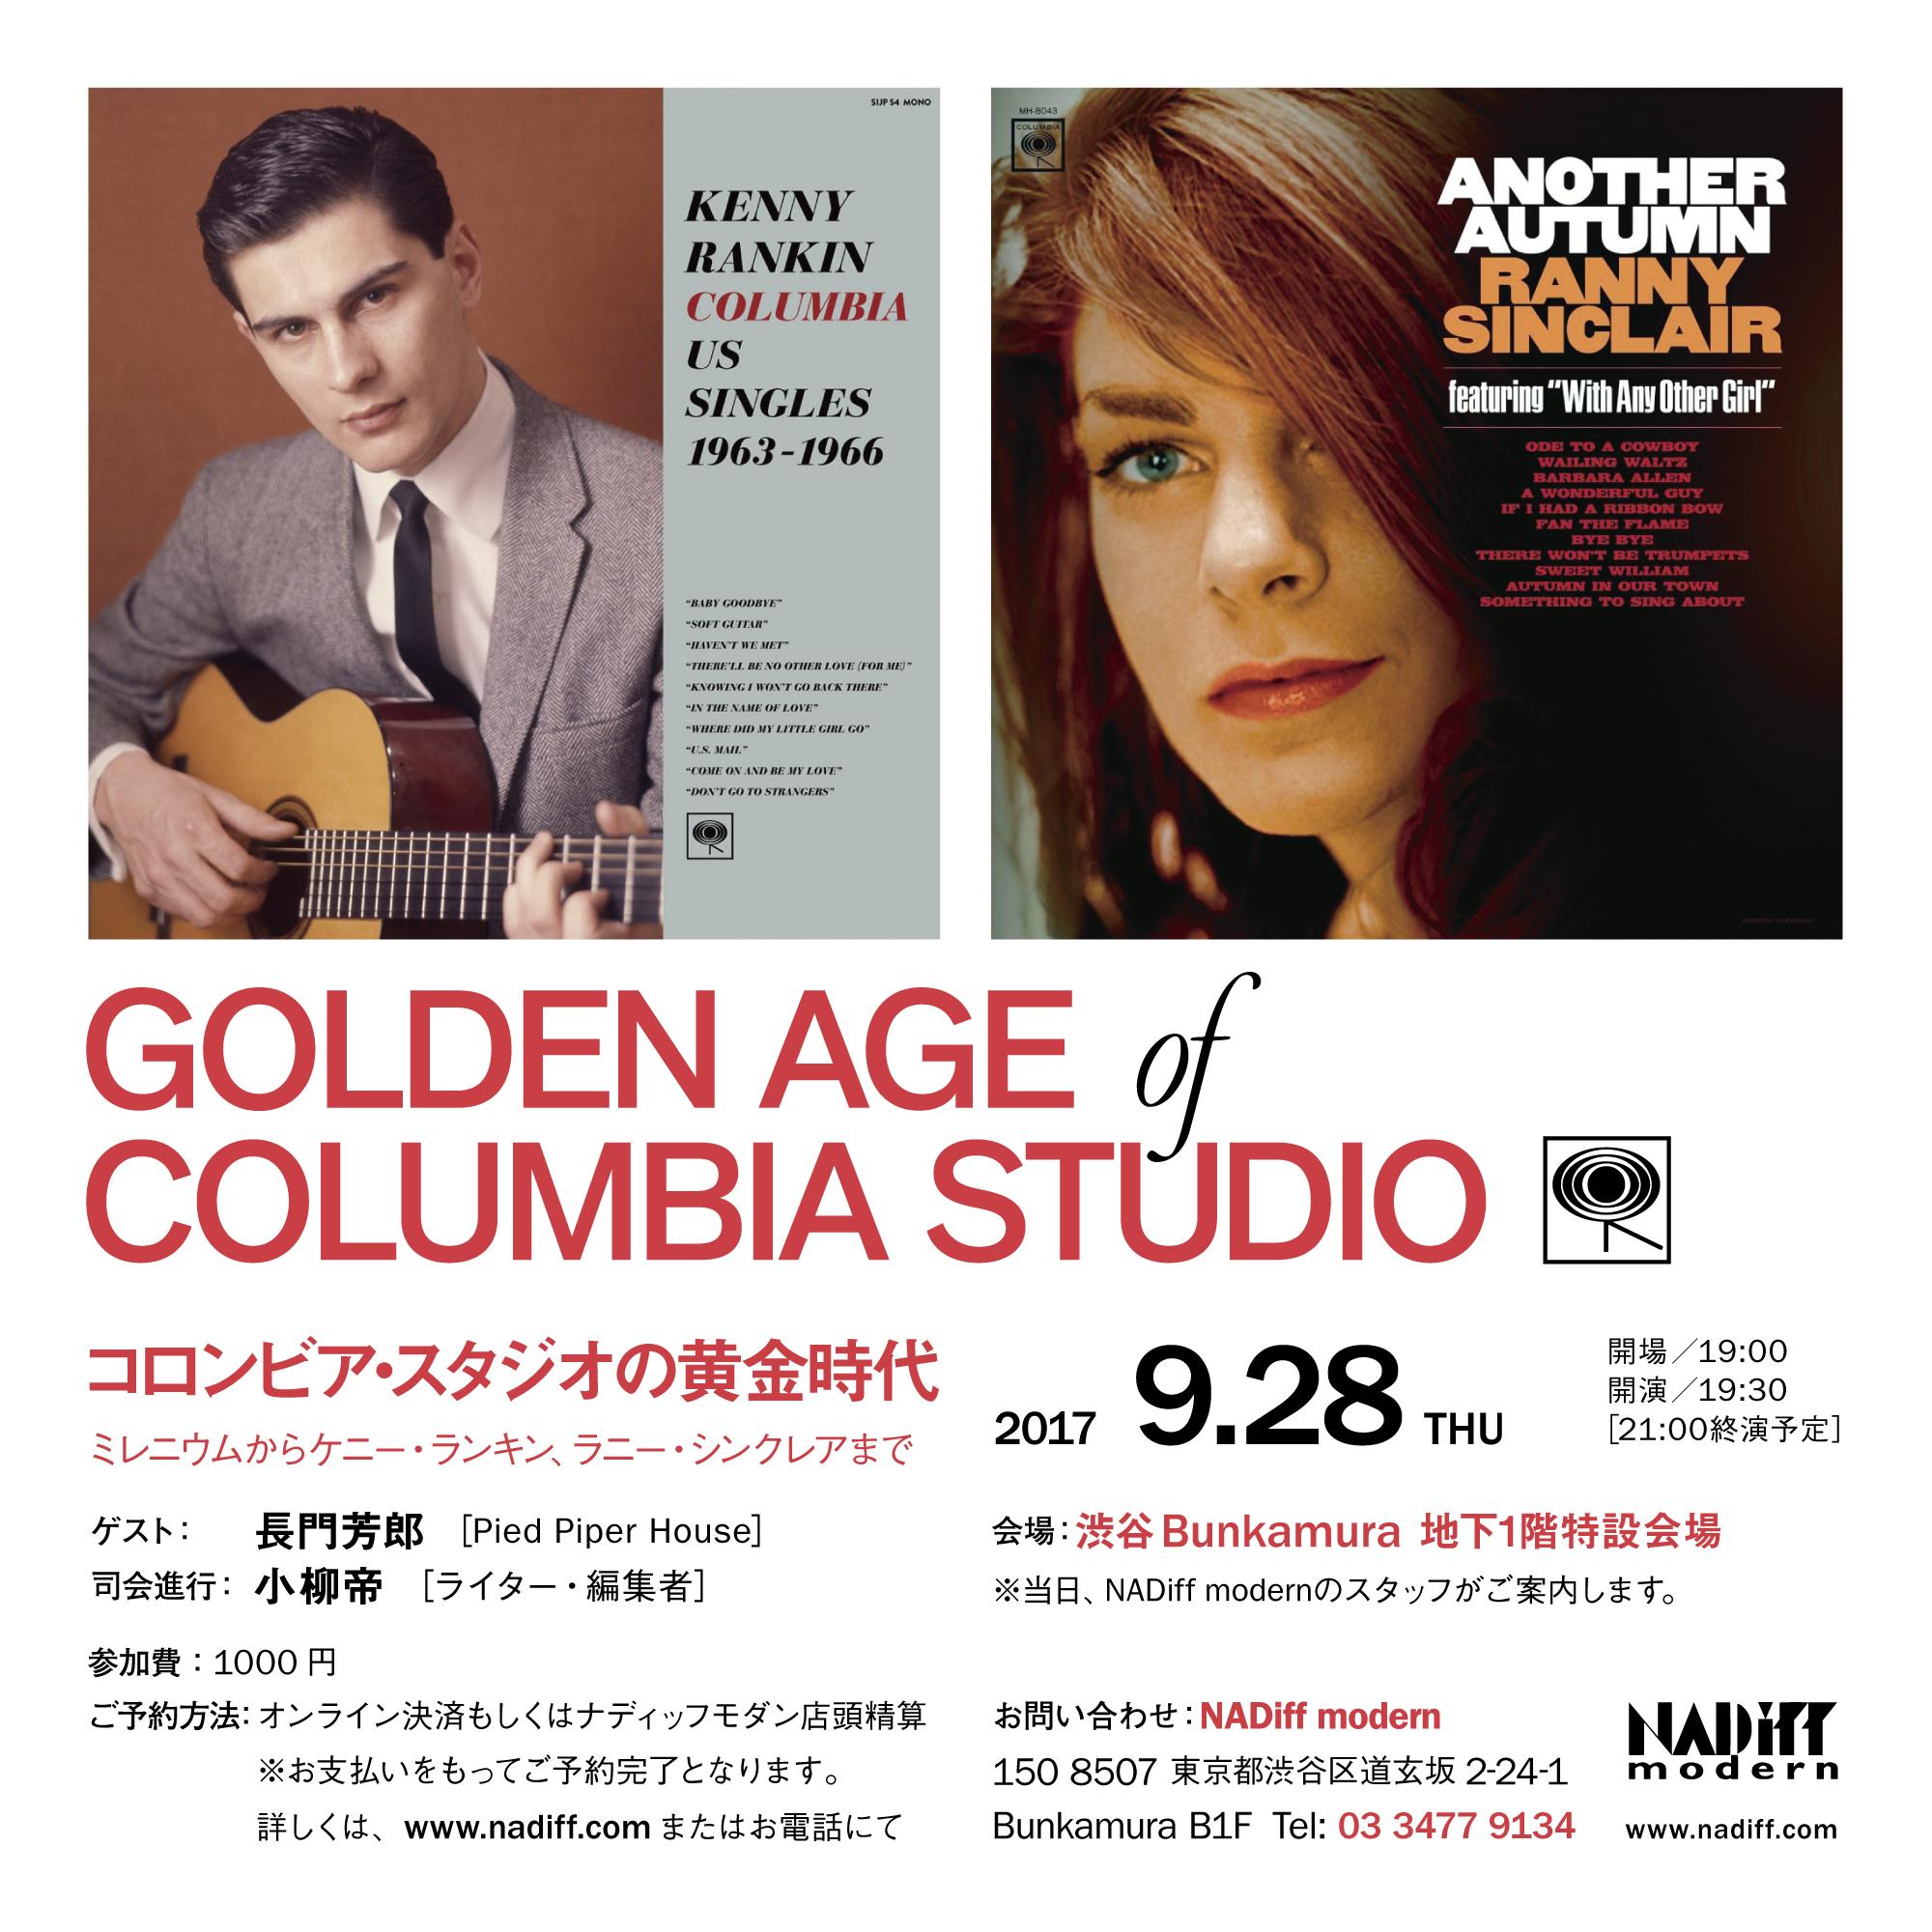 コロンビア・スタジオの黄金時代